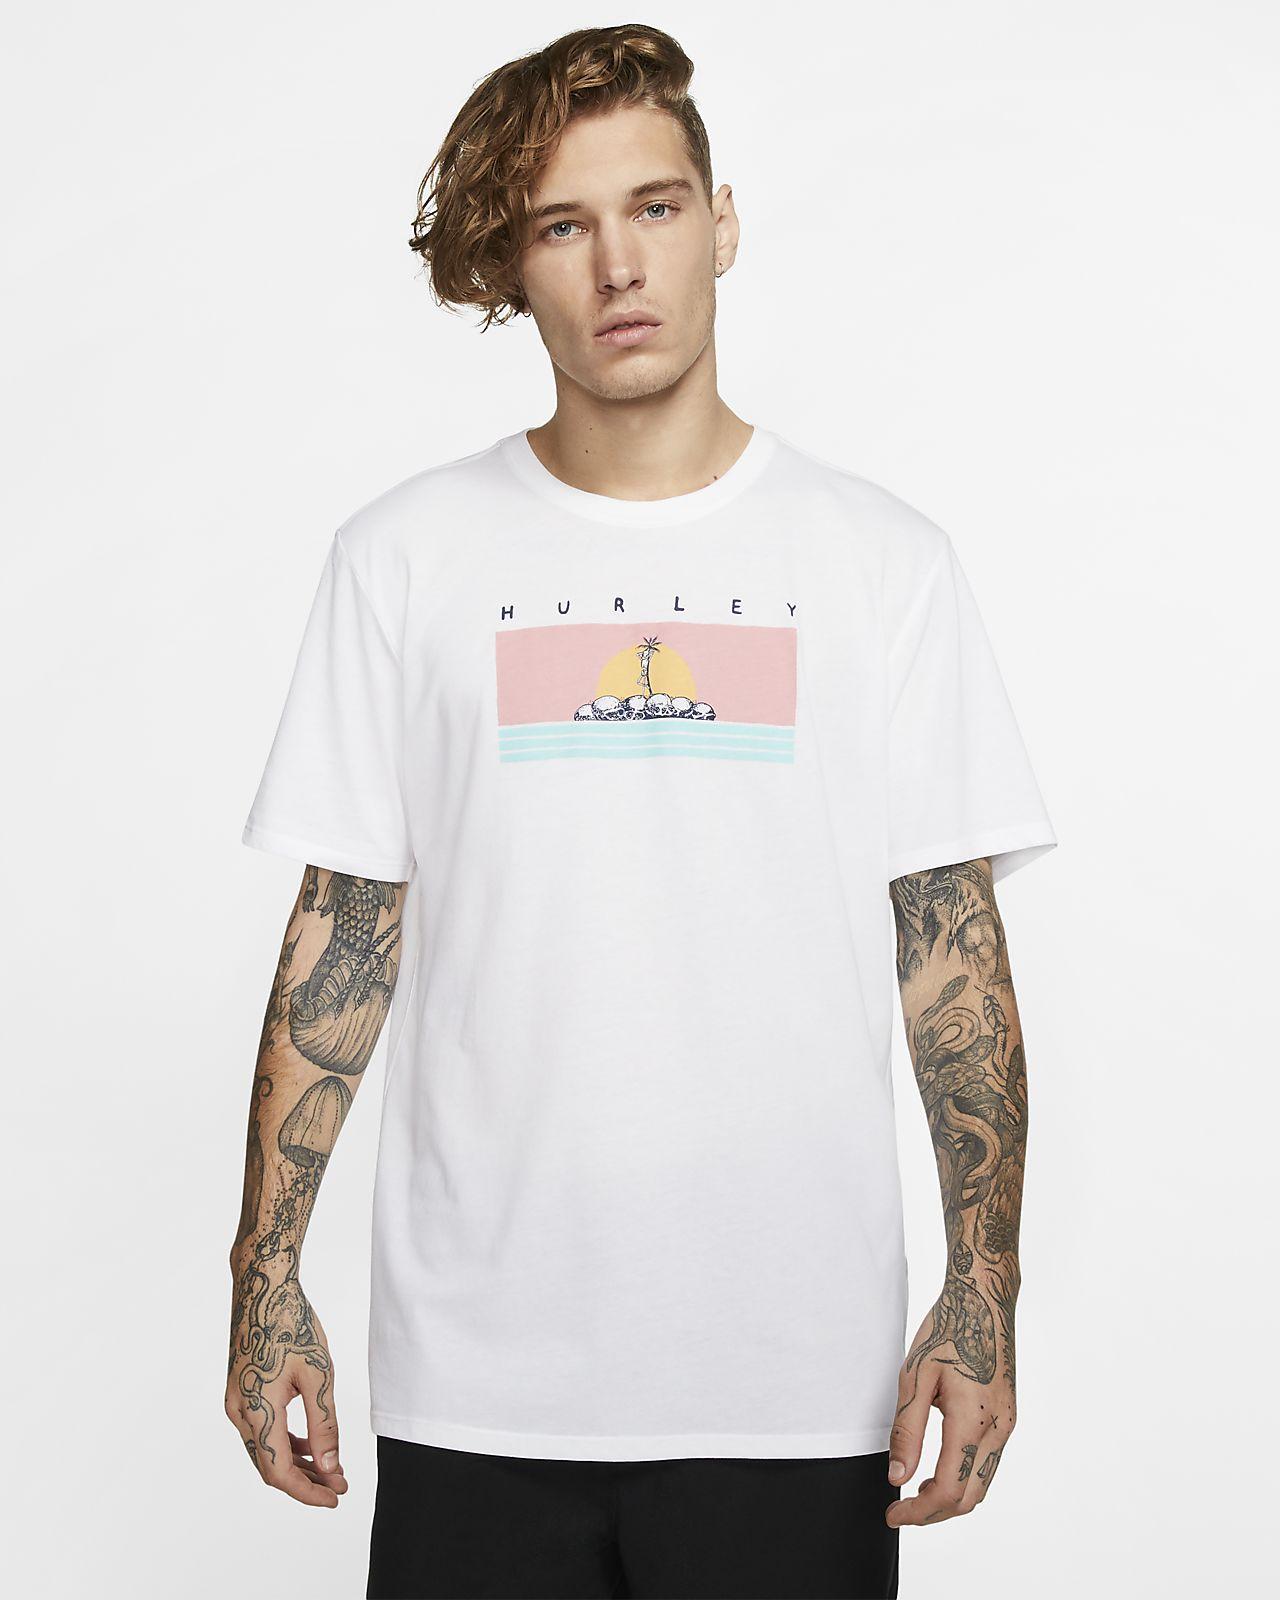 Pánské tričko Hurley Dri-FIT Deserted s prémiovým střihem